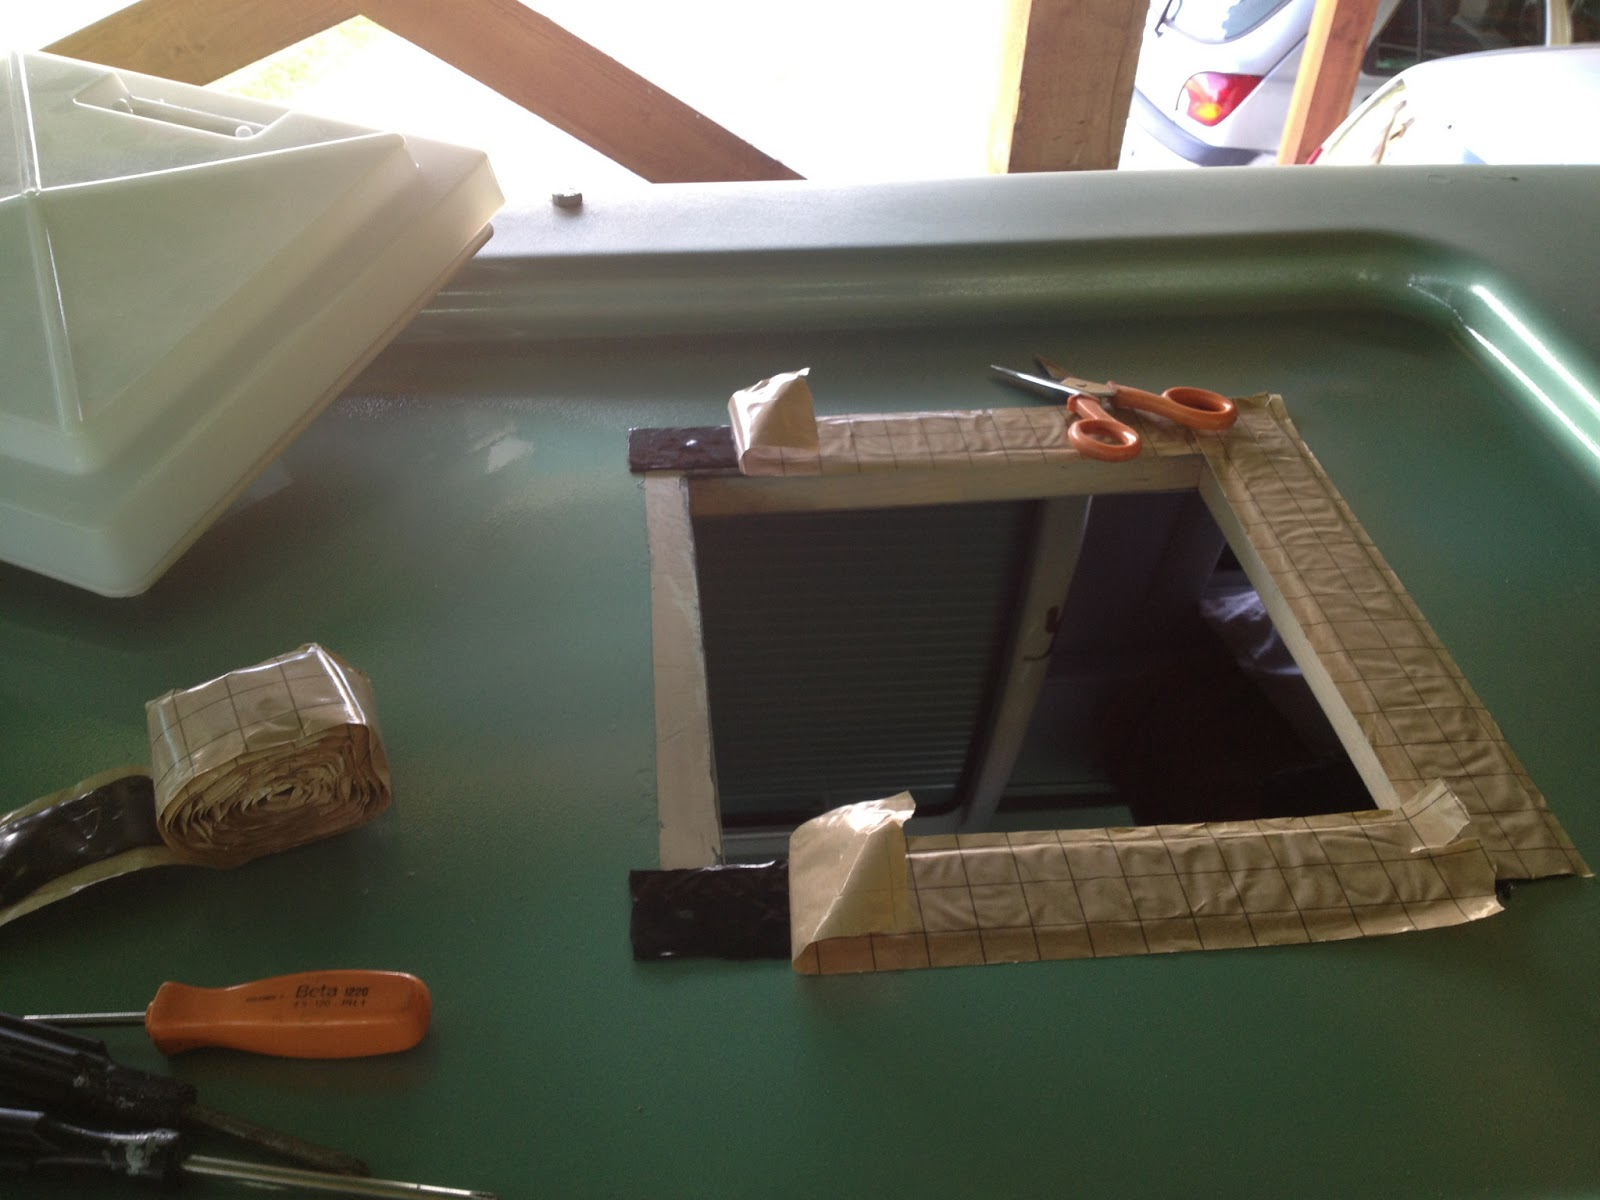 Idee da condividere sostituzione obl camper westfalia - Oblo tetto casa ...